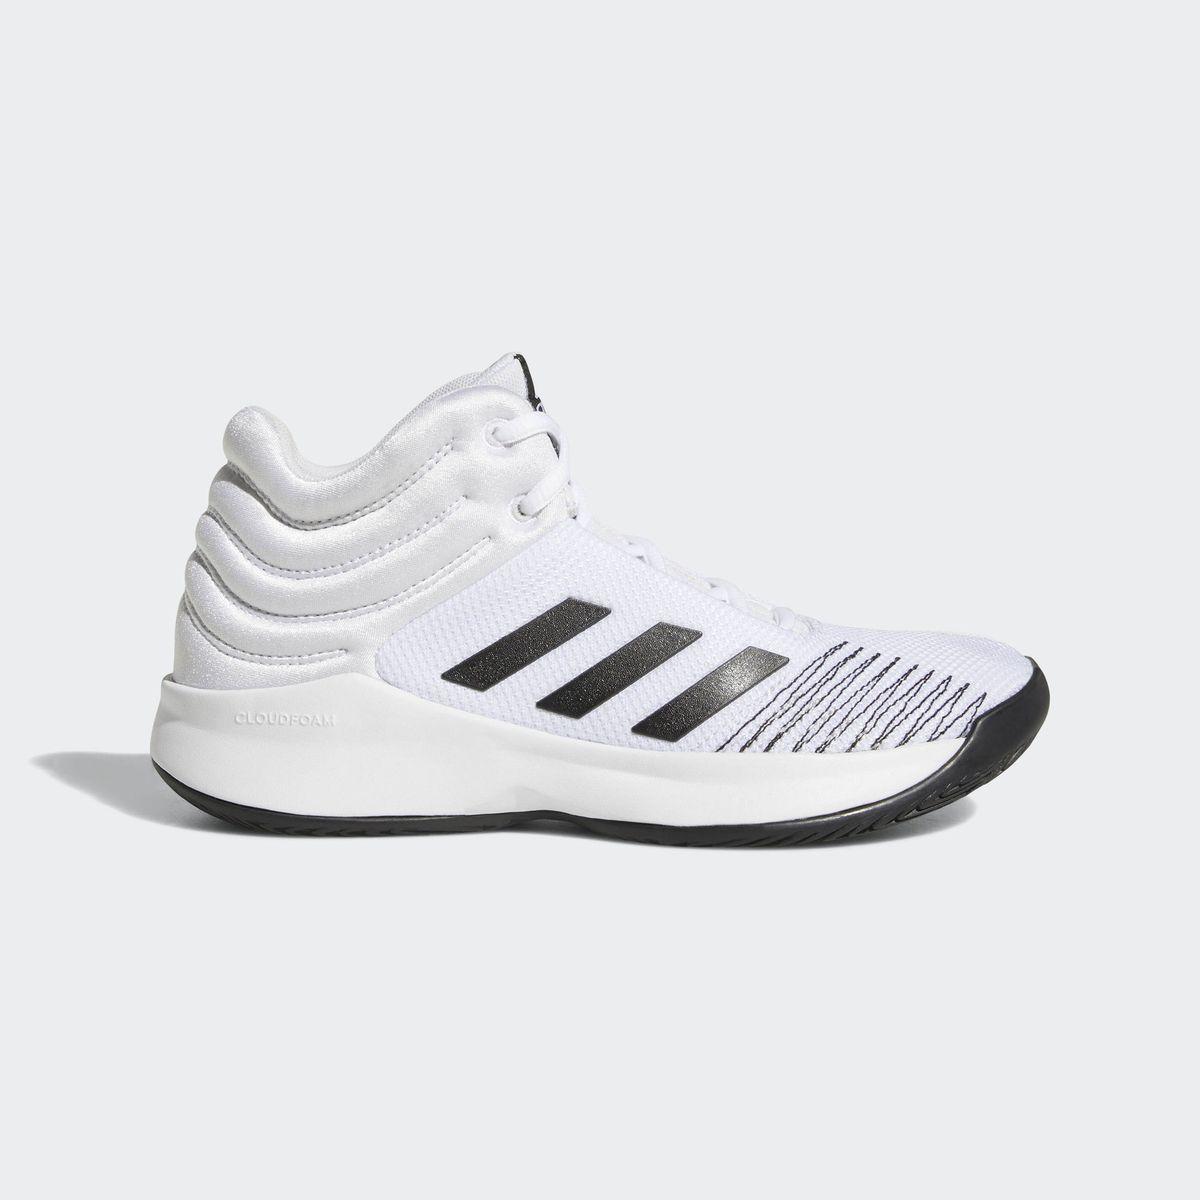 chaussure adidas garçon 2018